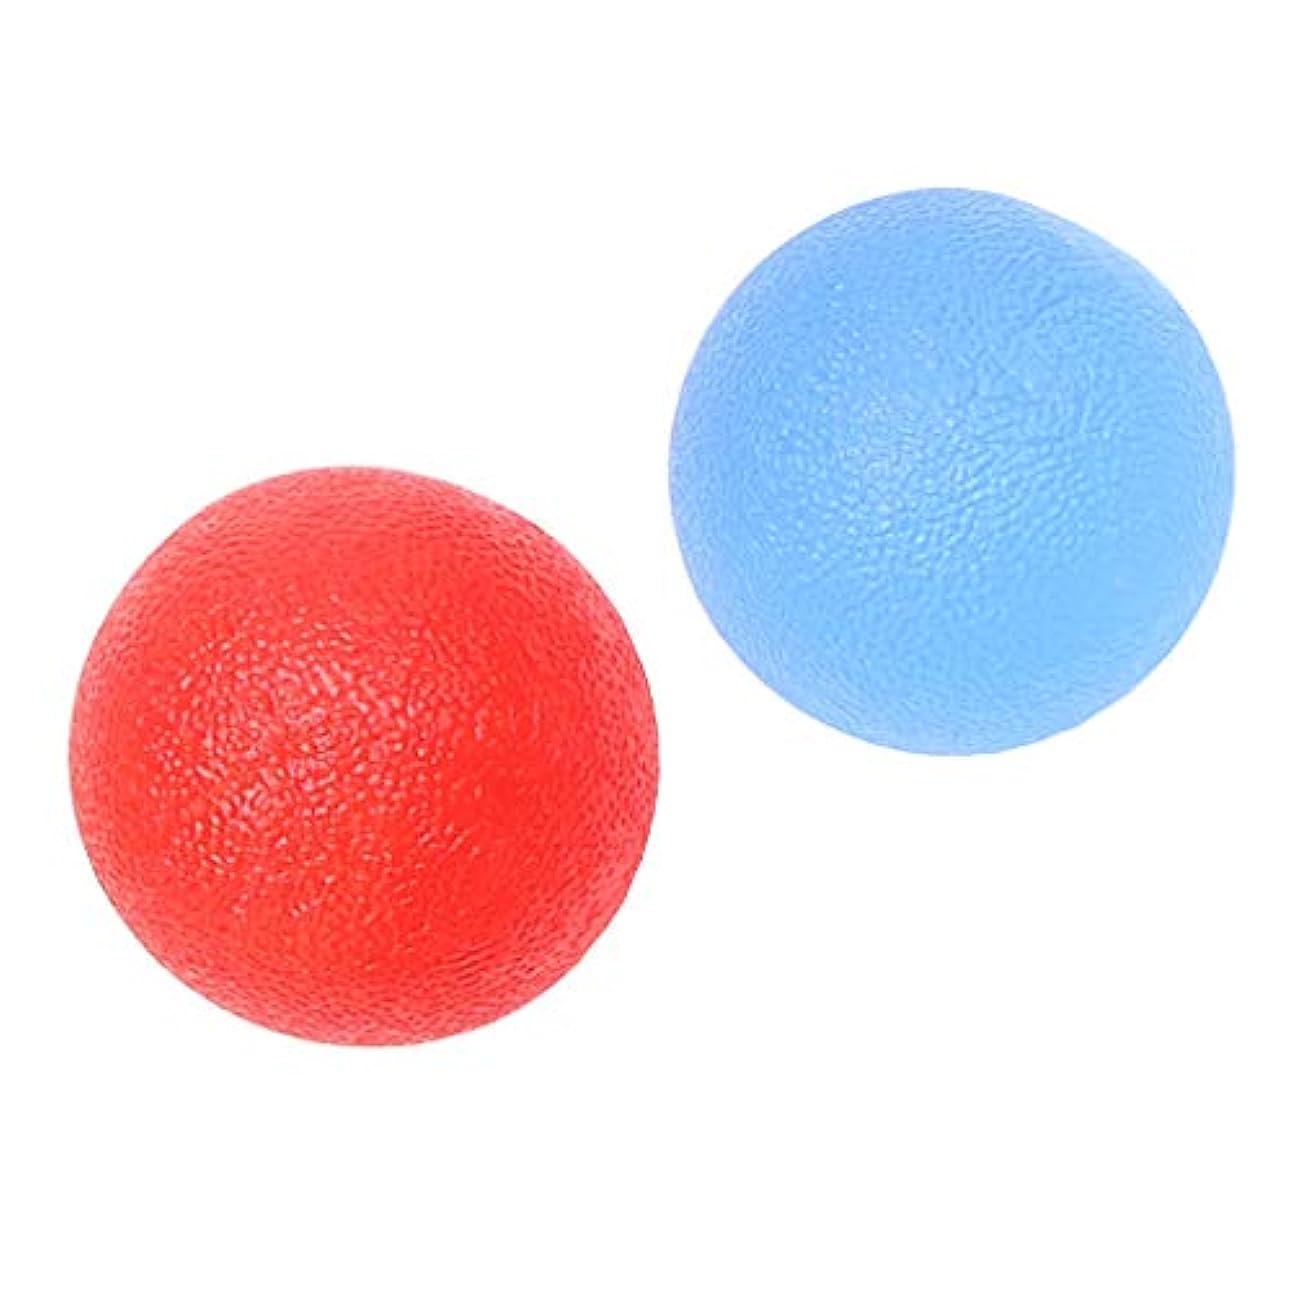 フロンティア担当者しわハンドエクササイズボール ハンドグリップ シリコン 指トレーニング ストレス緩和 贈り物 2個入